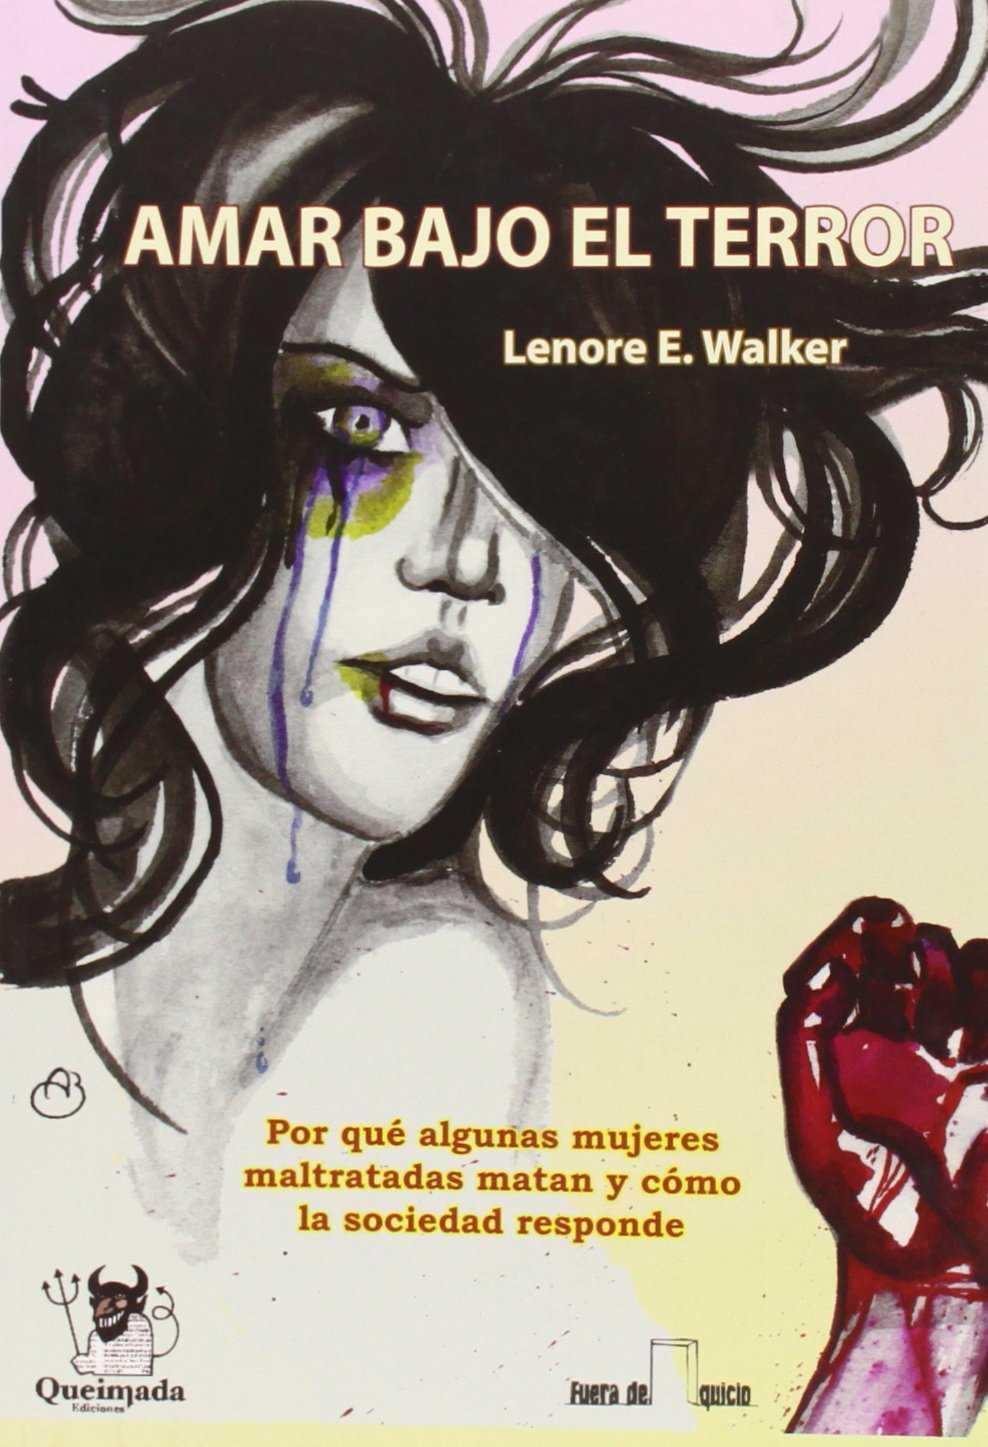 AMAR BAJO EL TERROR